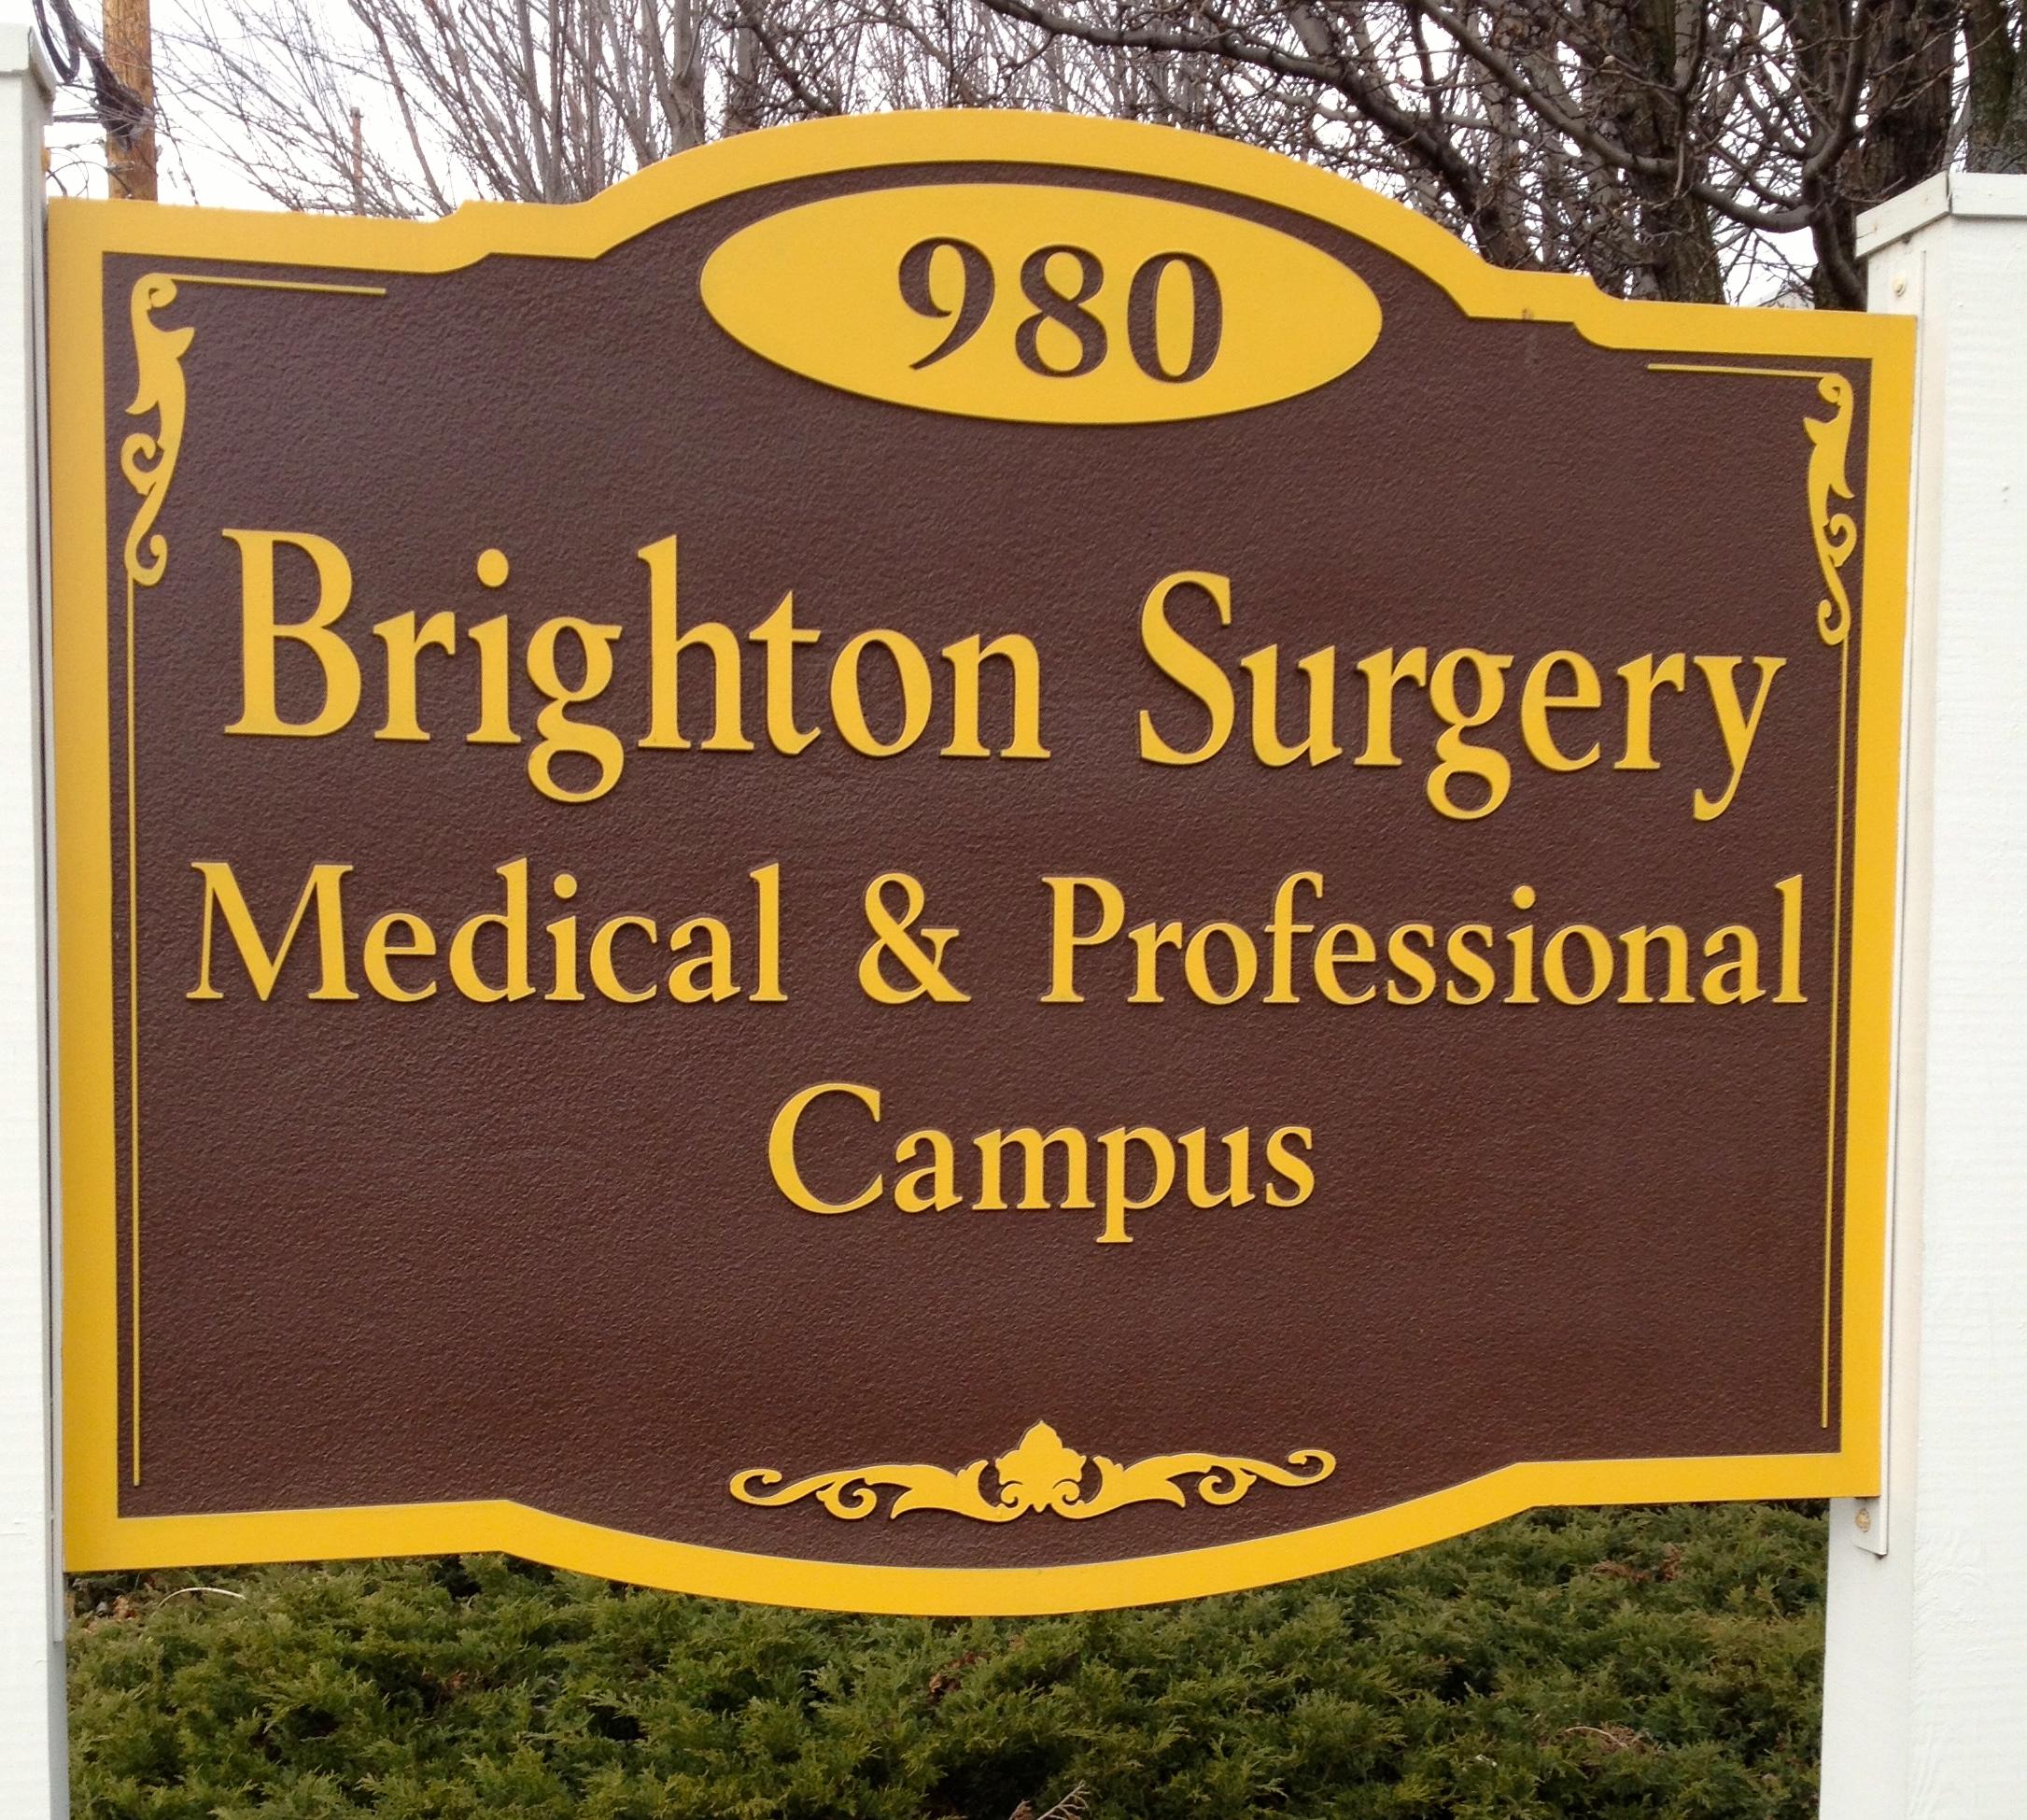 Brighton Surgical Campus Sign